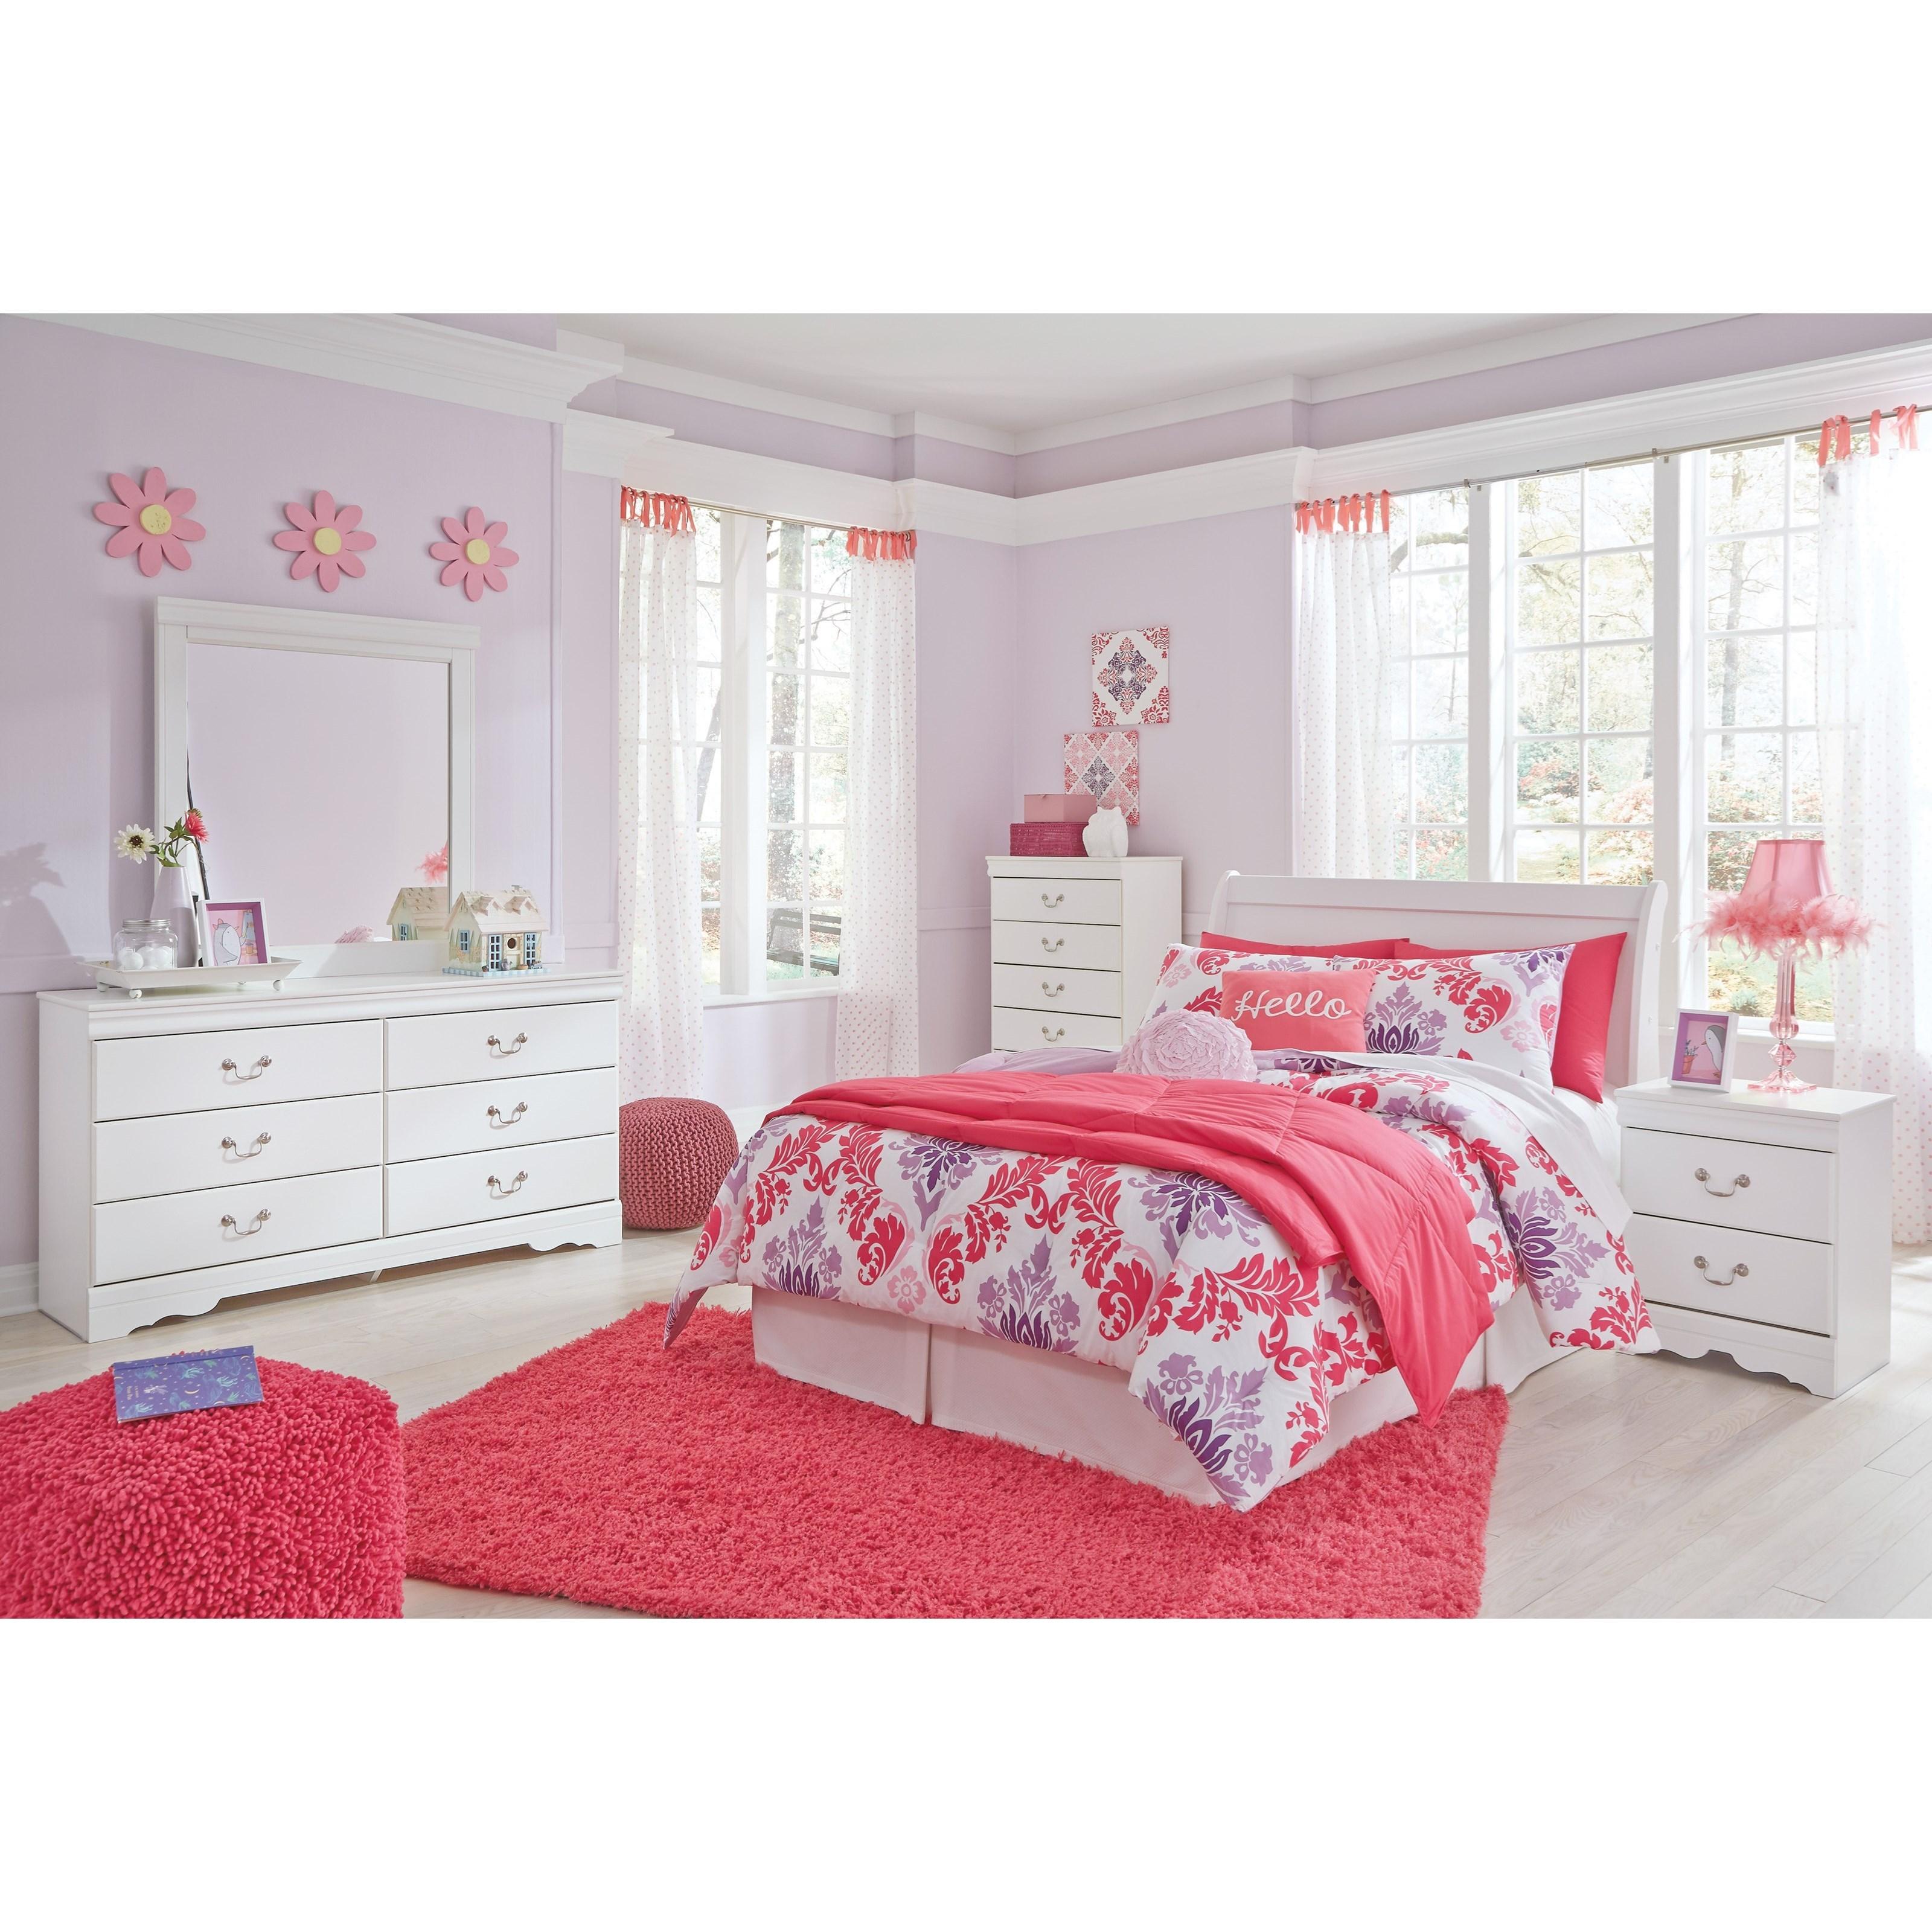 Anarasia Full Bedroom Group by Ashley (Signature Design) at Johnny Janosik